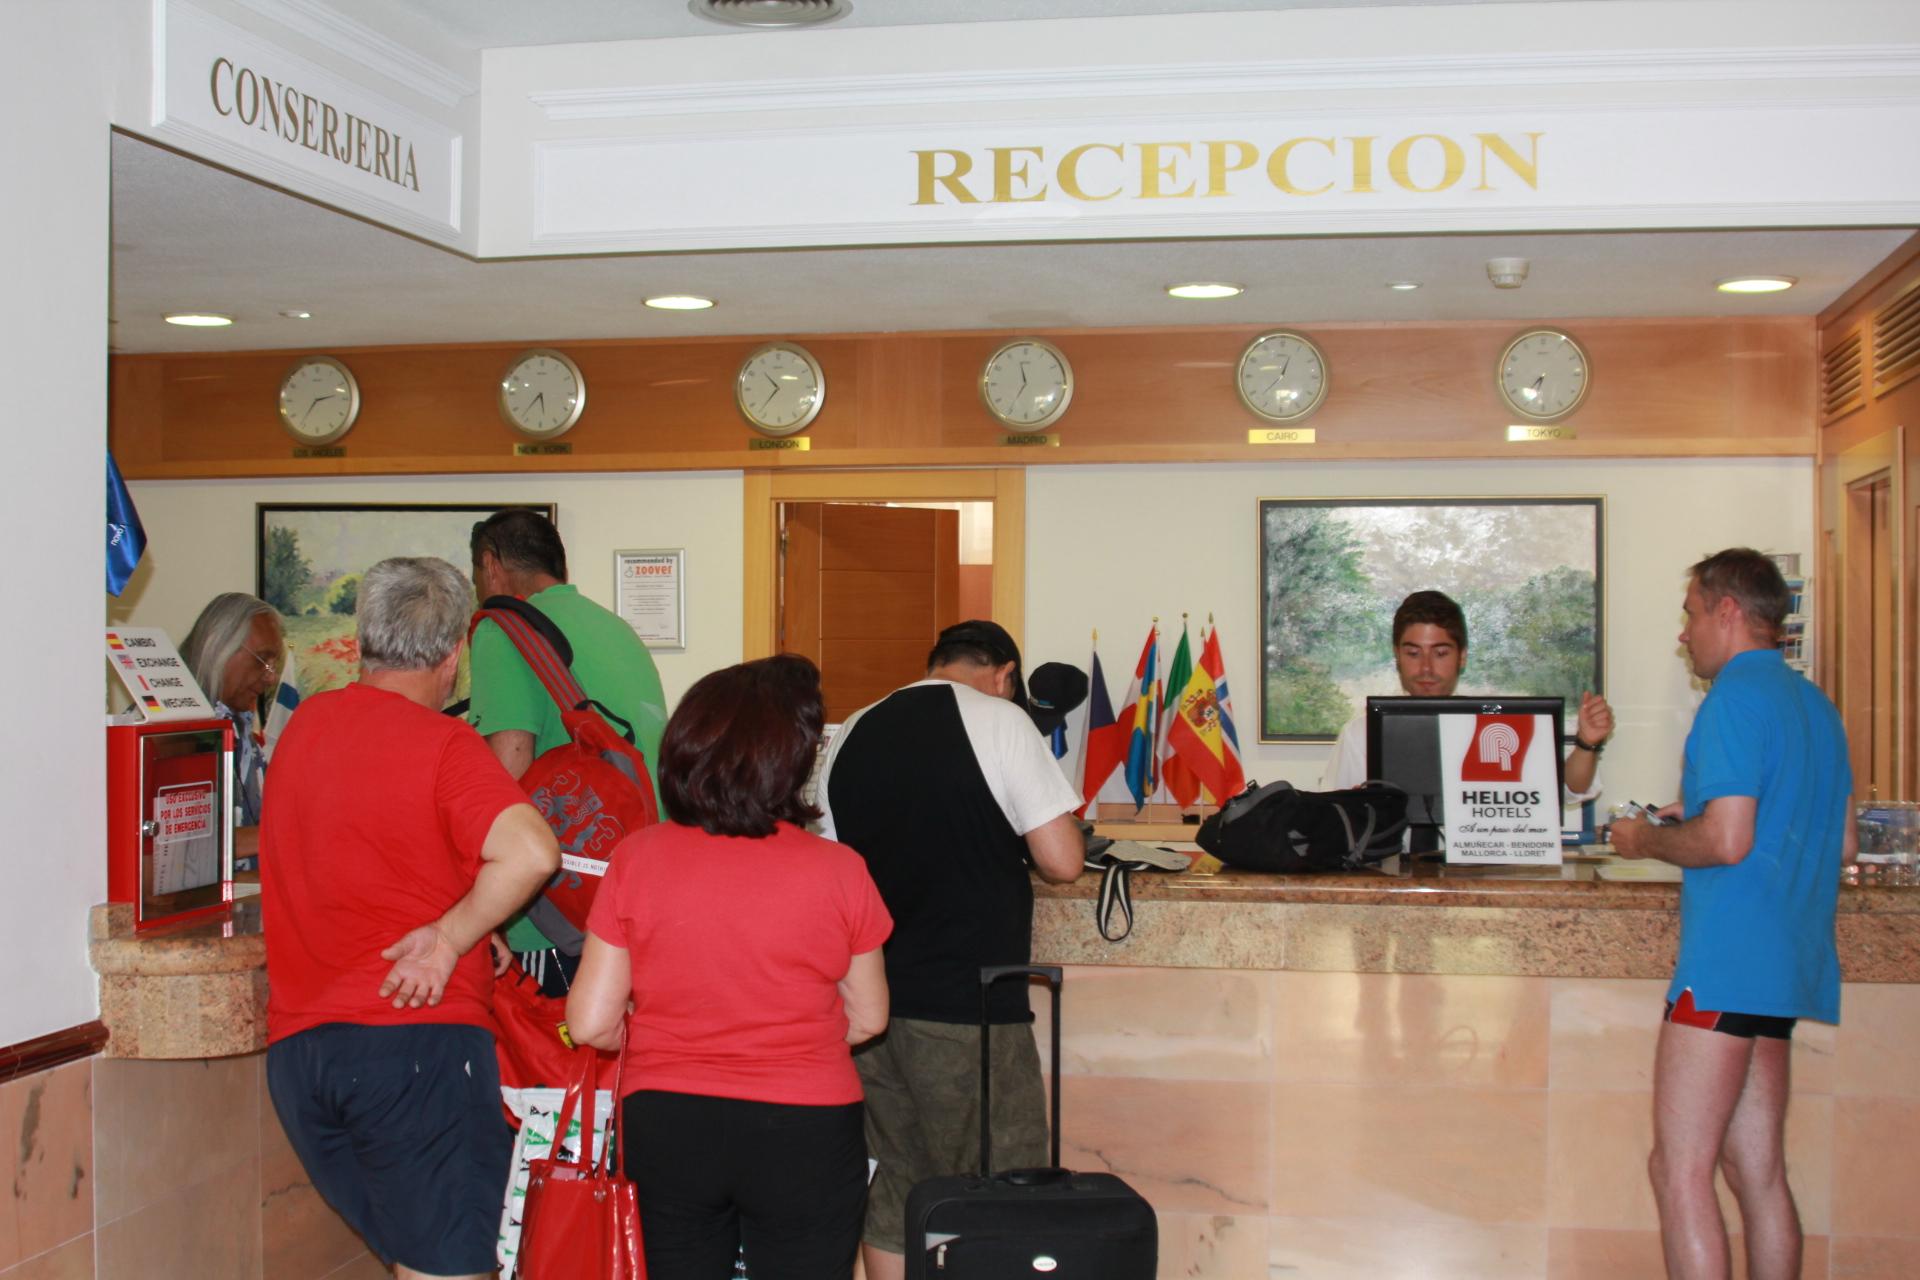 TURISTAS RECEPCION HOTEL HELIOS 14